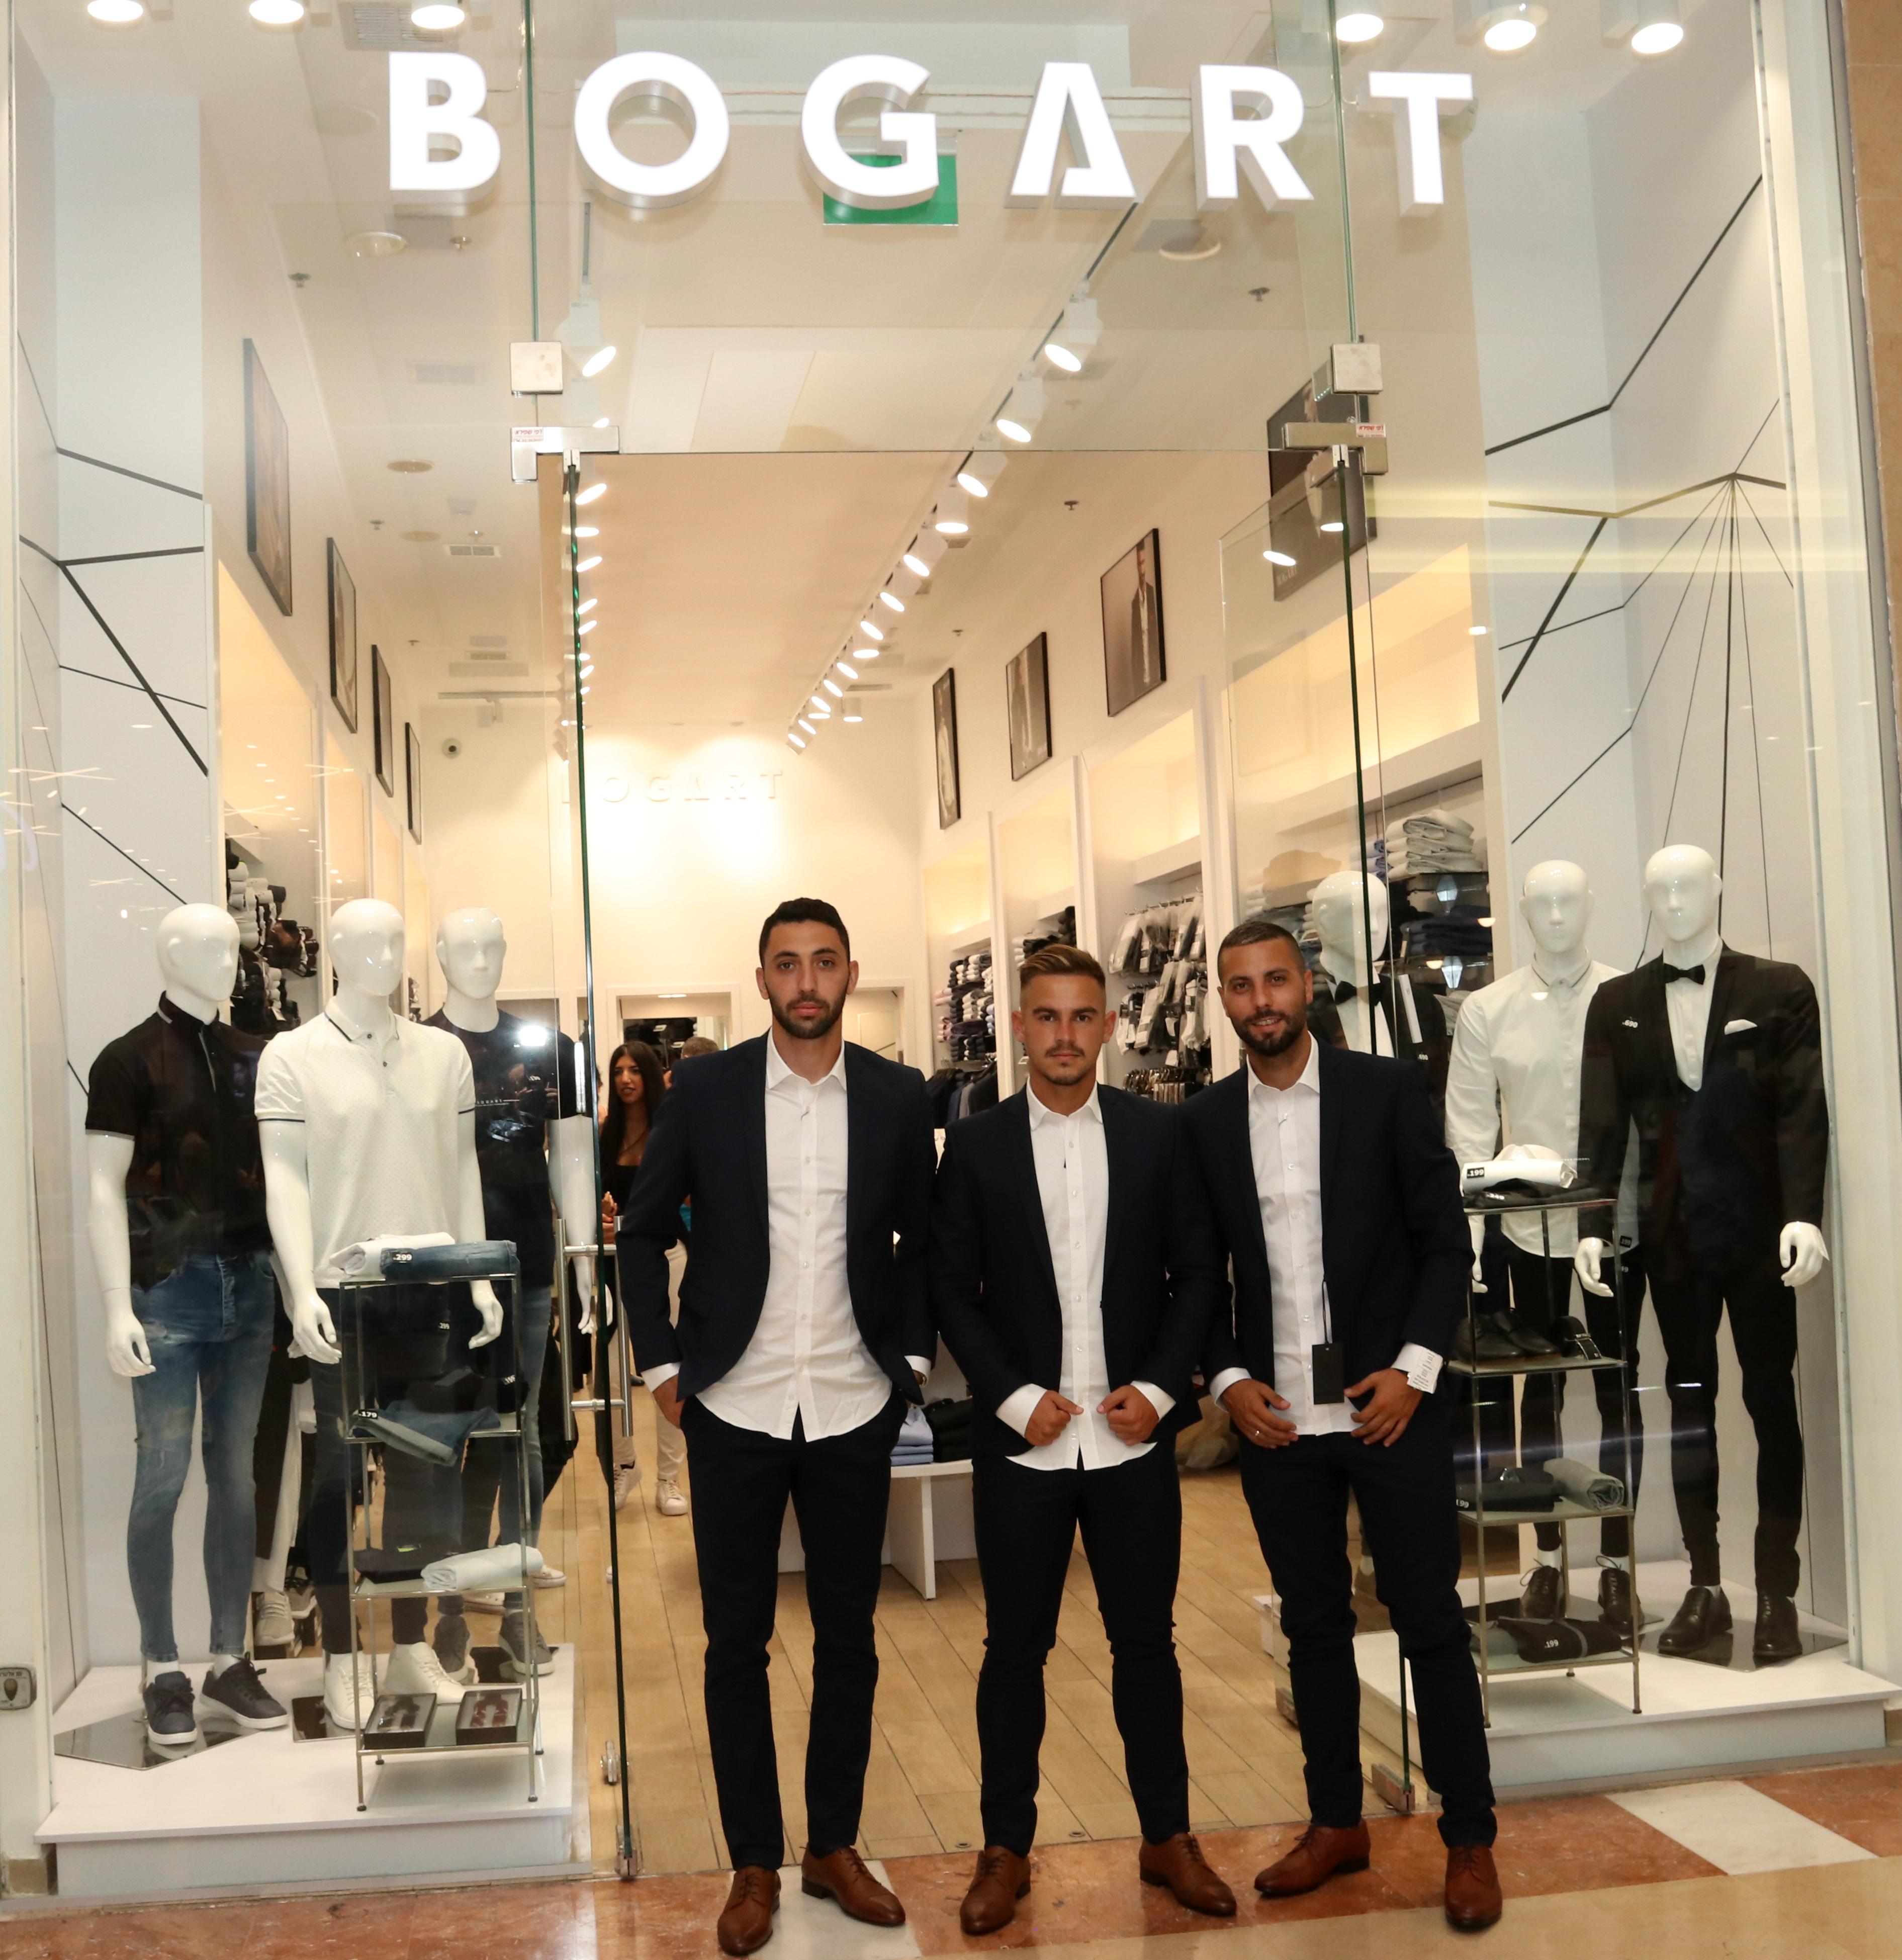 תופרים חליפות לאירופה בBOGART